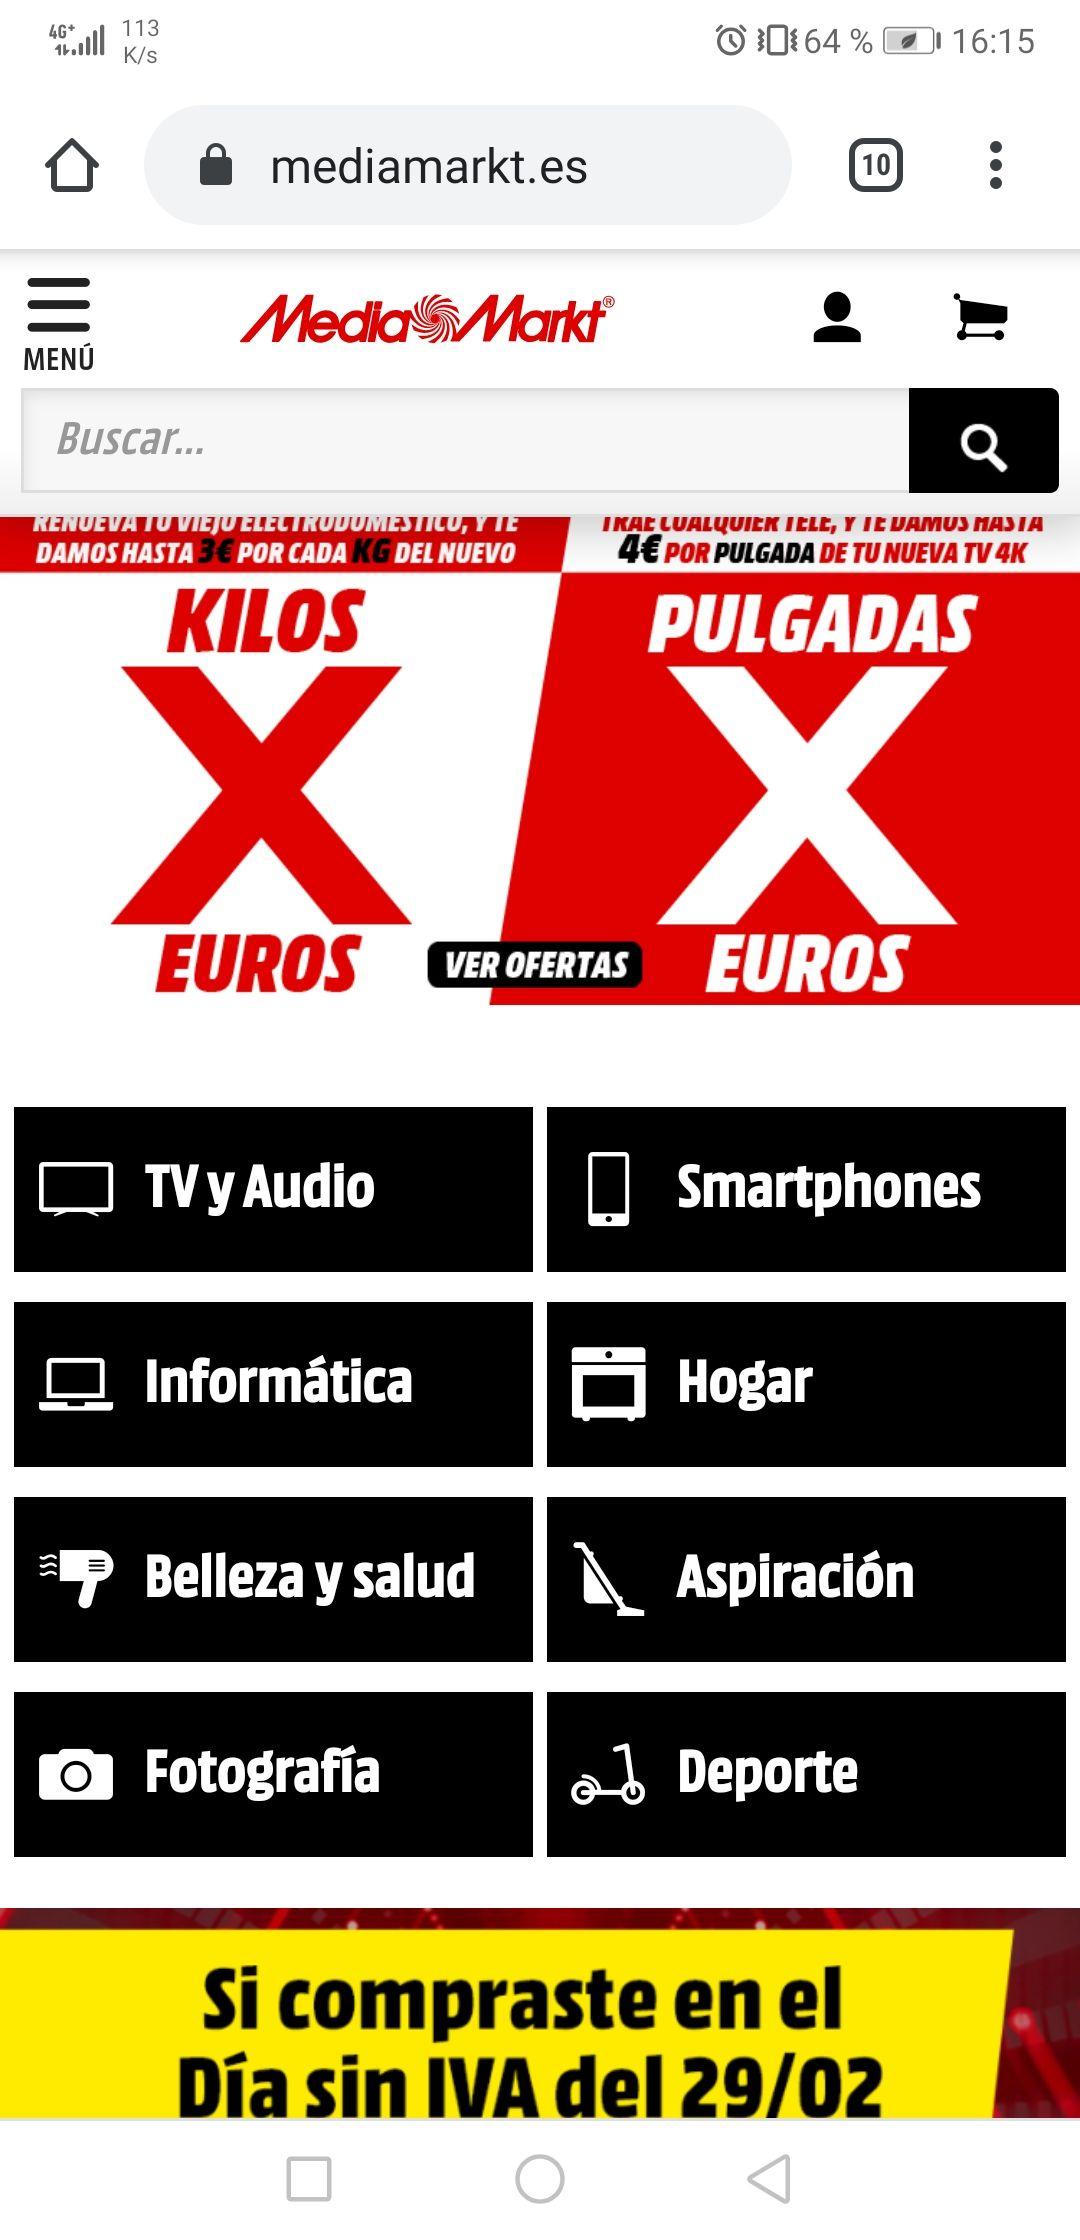 Kilos x Euros en Mediamarkt